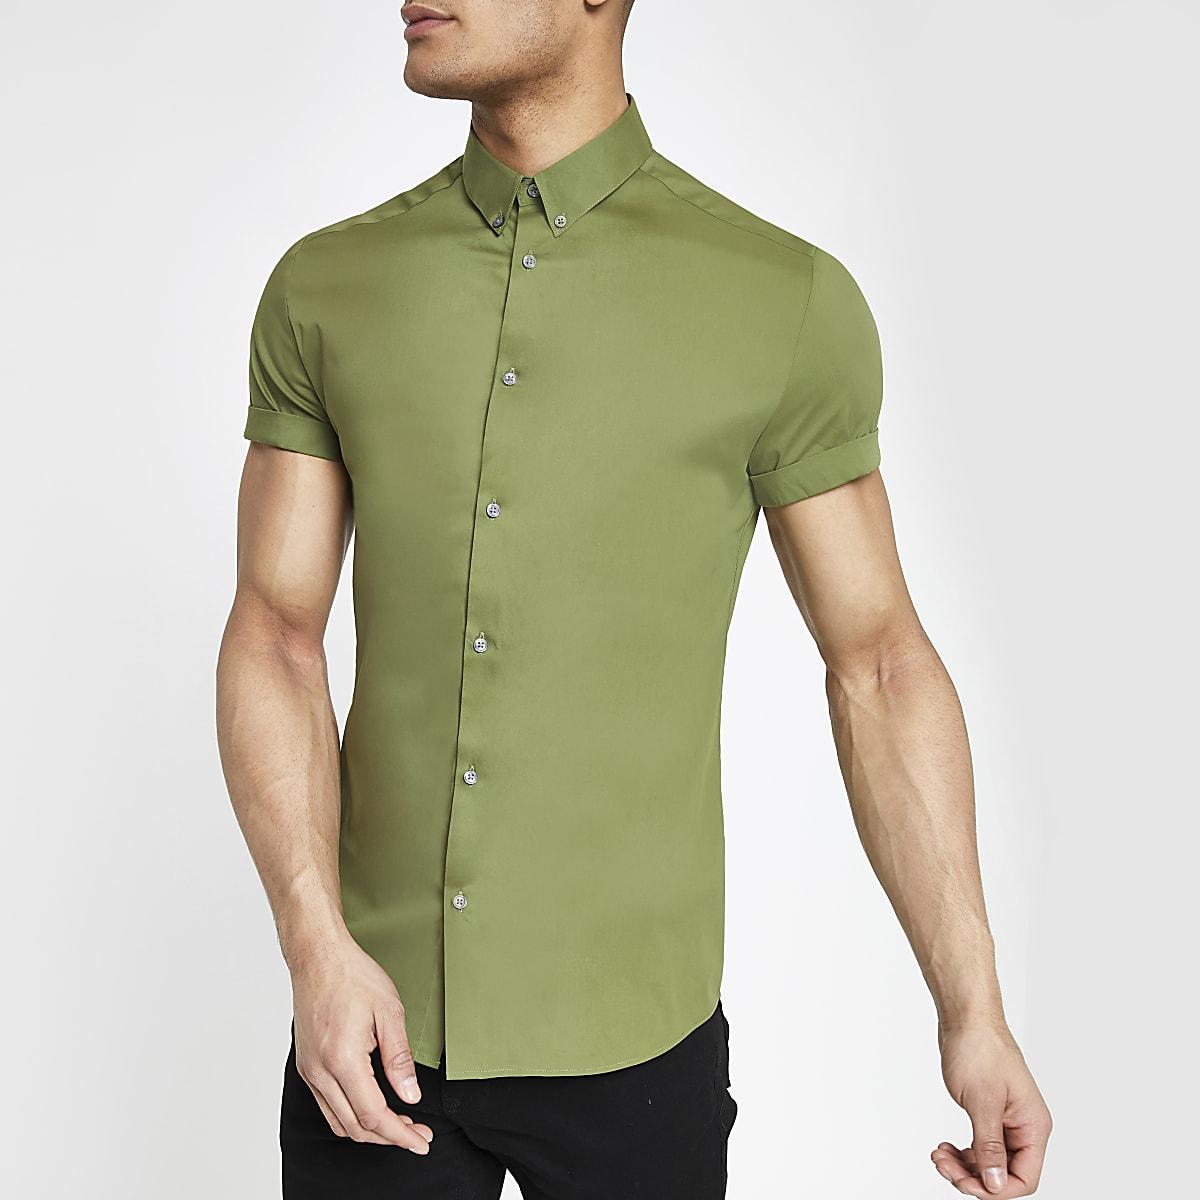 Overhemd Mintgroen.Groen Aansluitend Overhemd Met Korte Mouwen Overhemden Met Korte